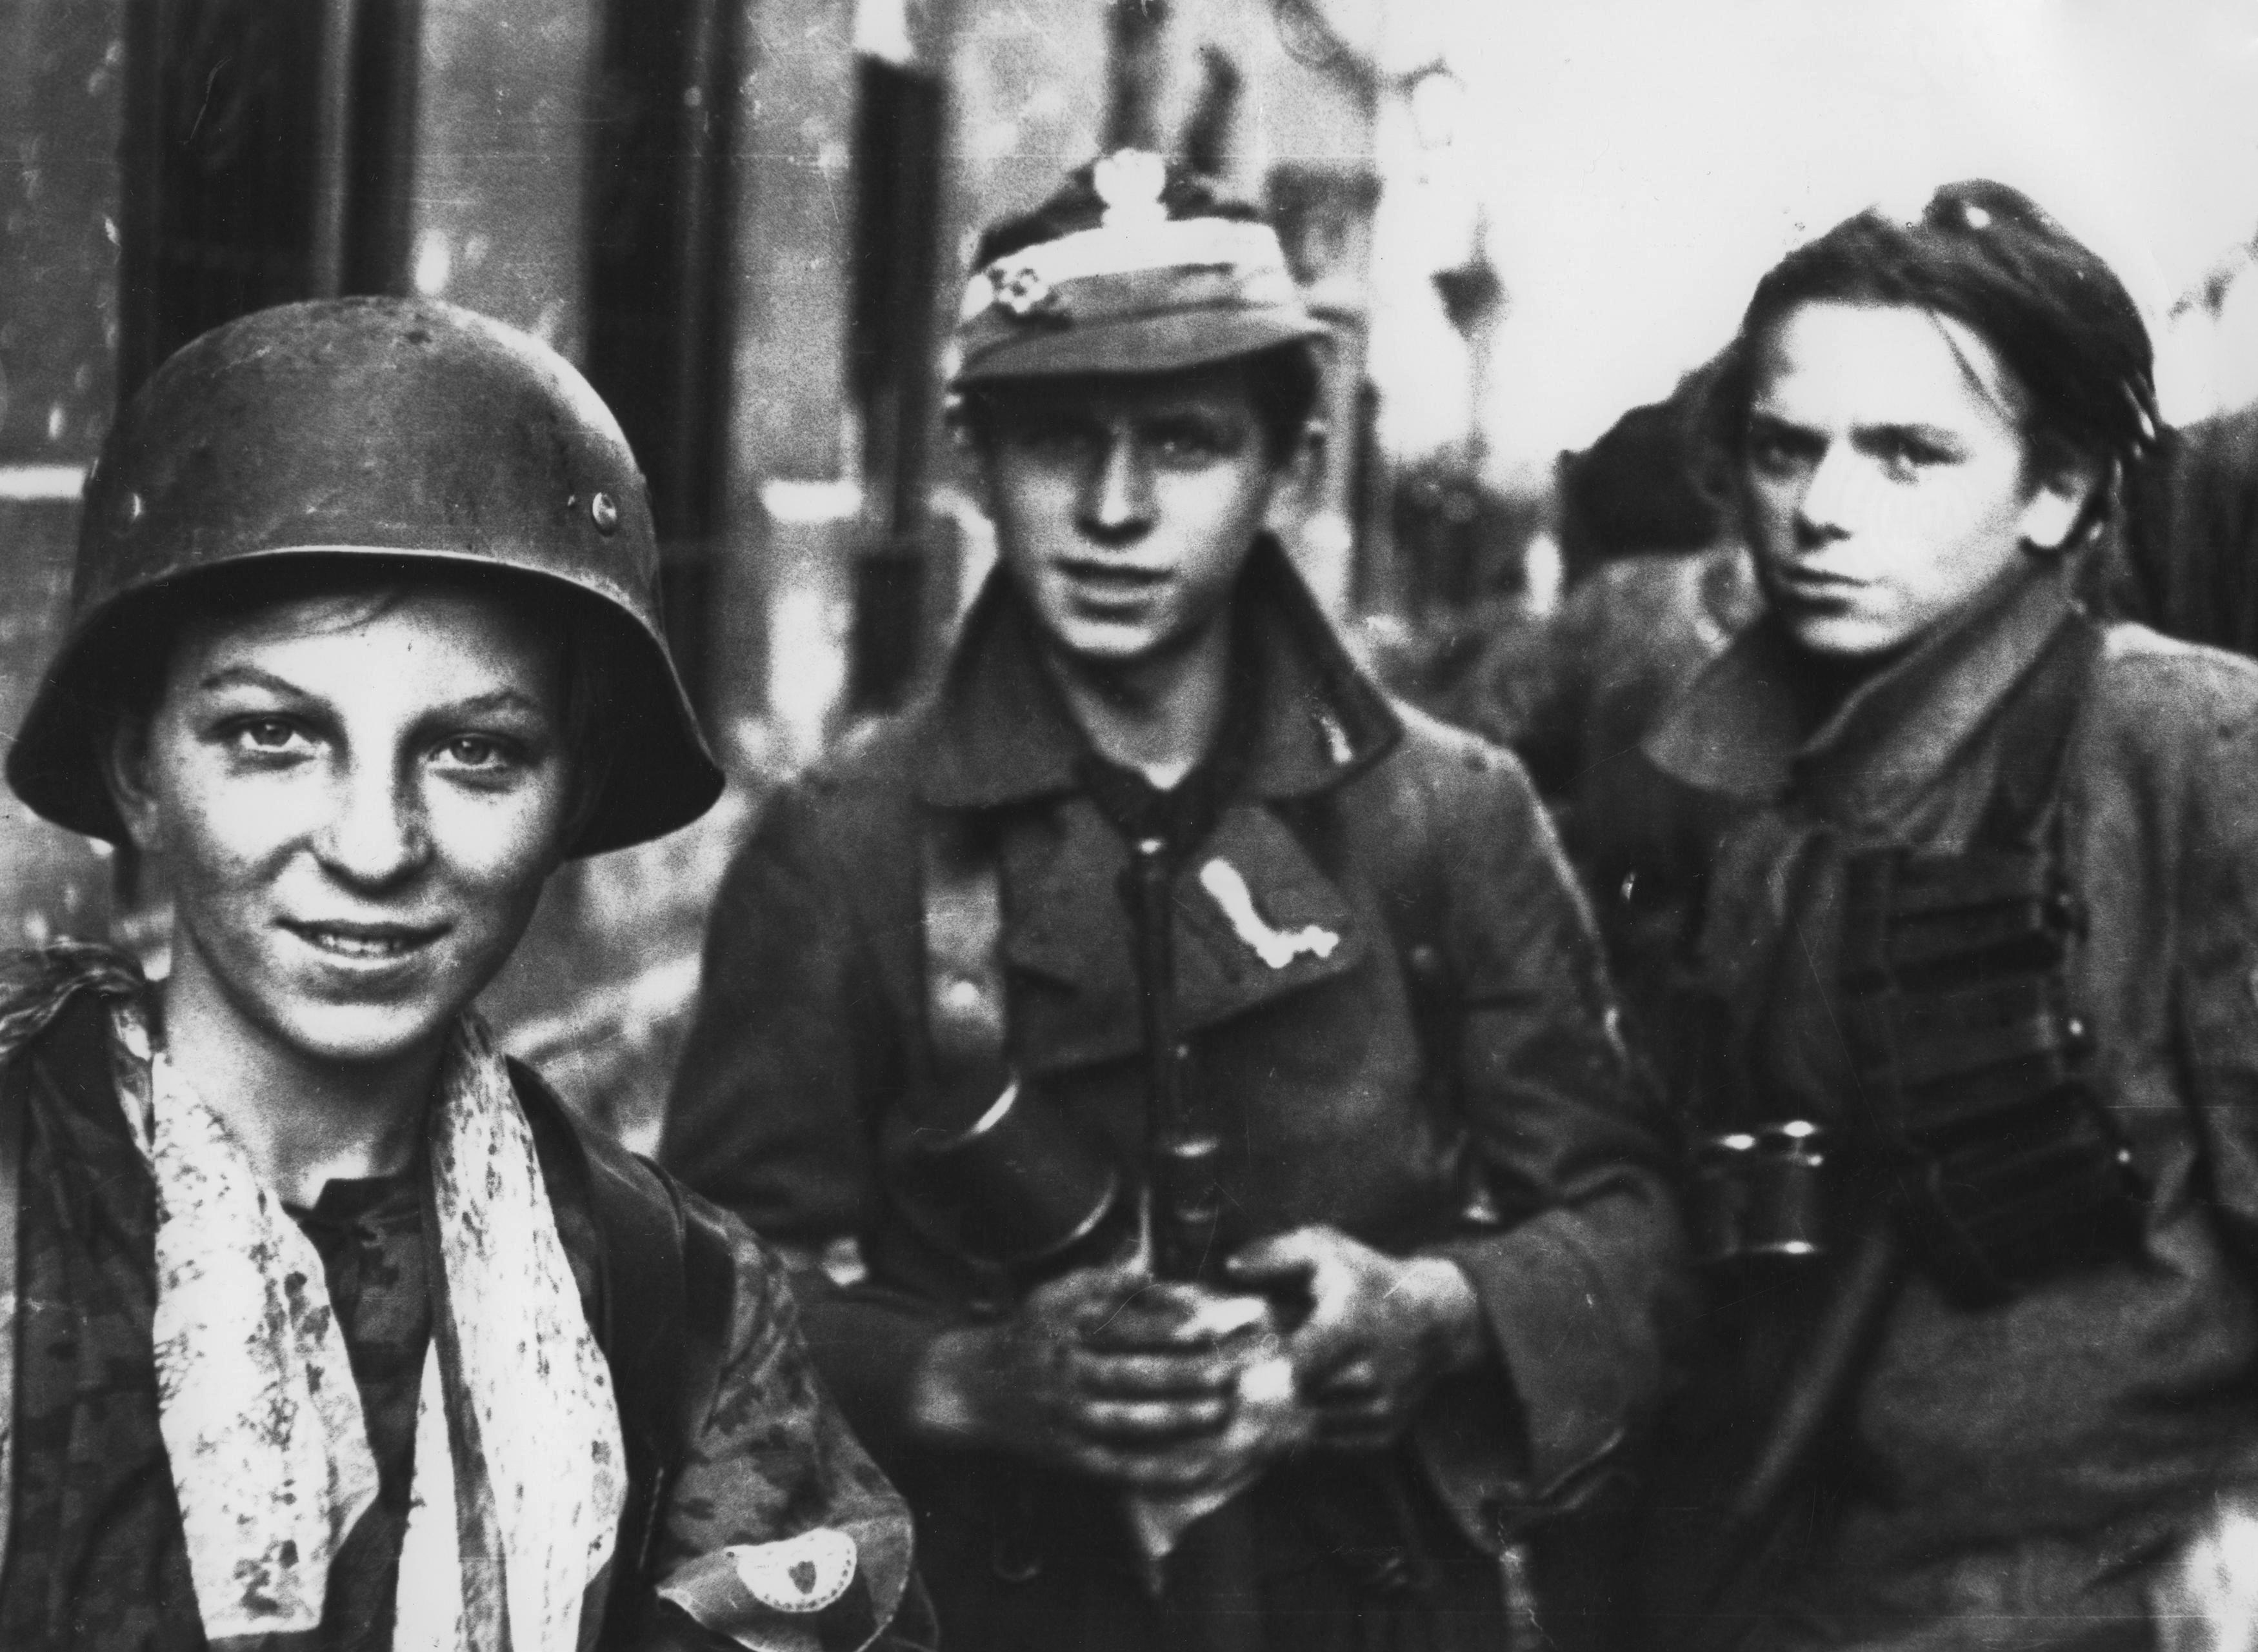 > Scouts et résistants polonais participant à l'insurrection de Varsovie.